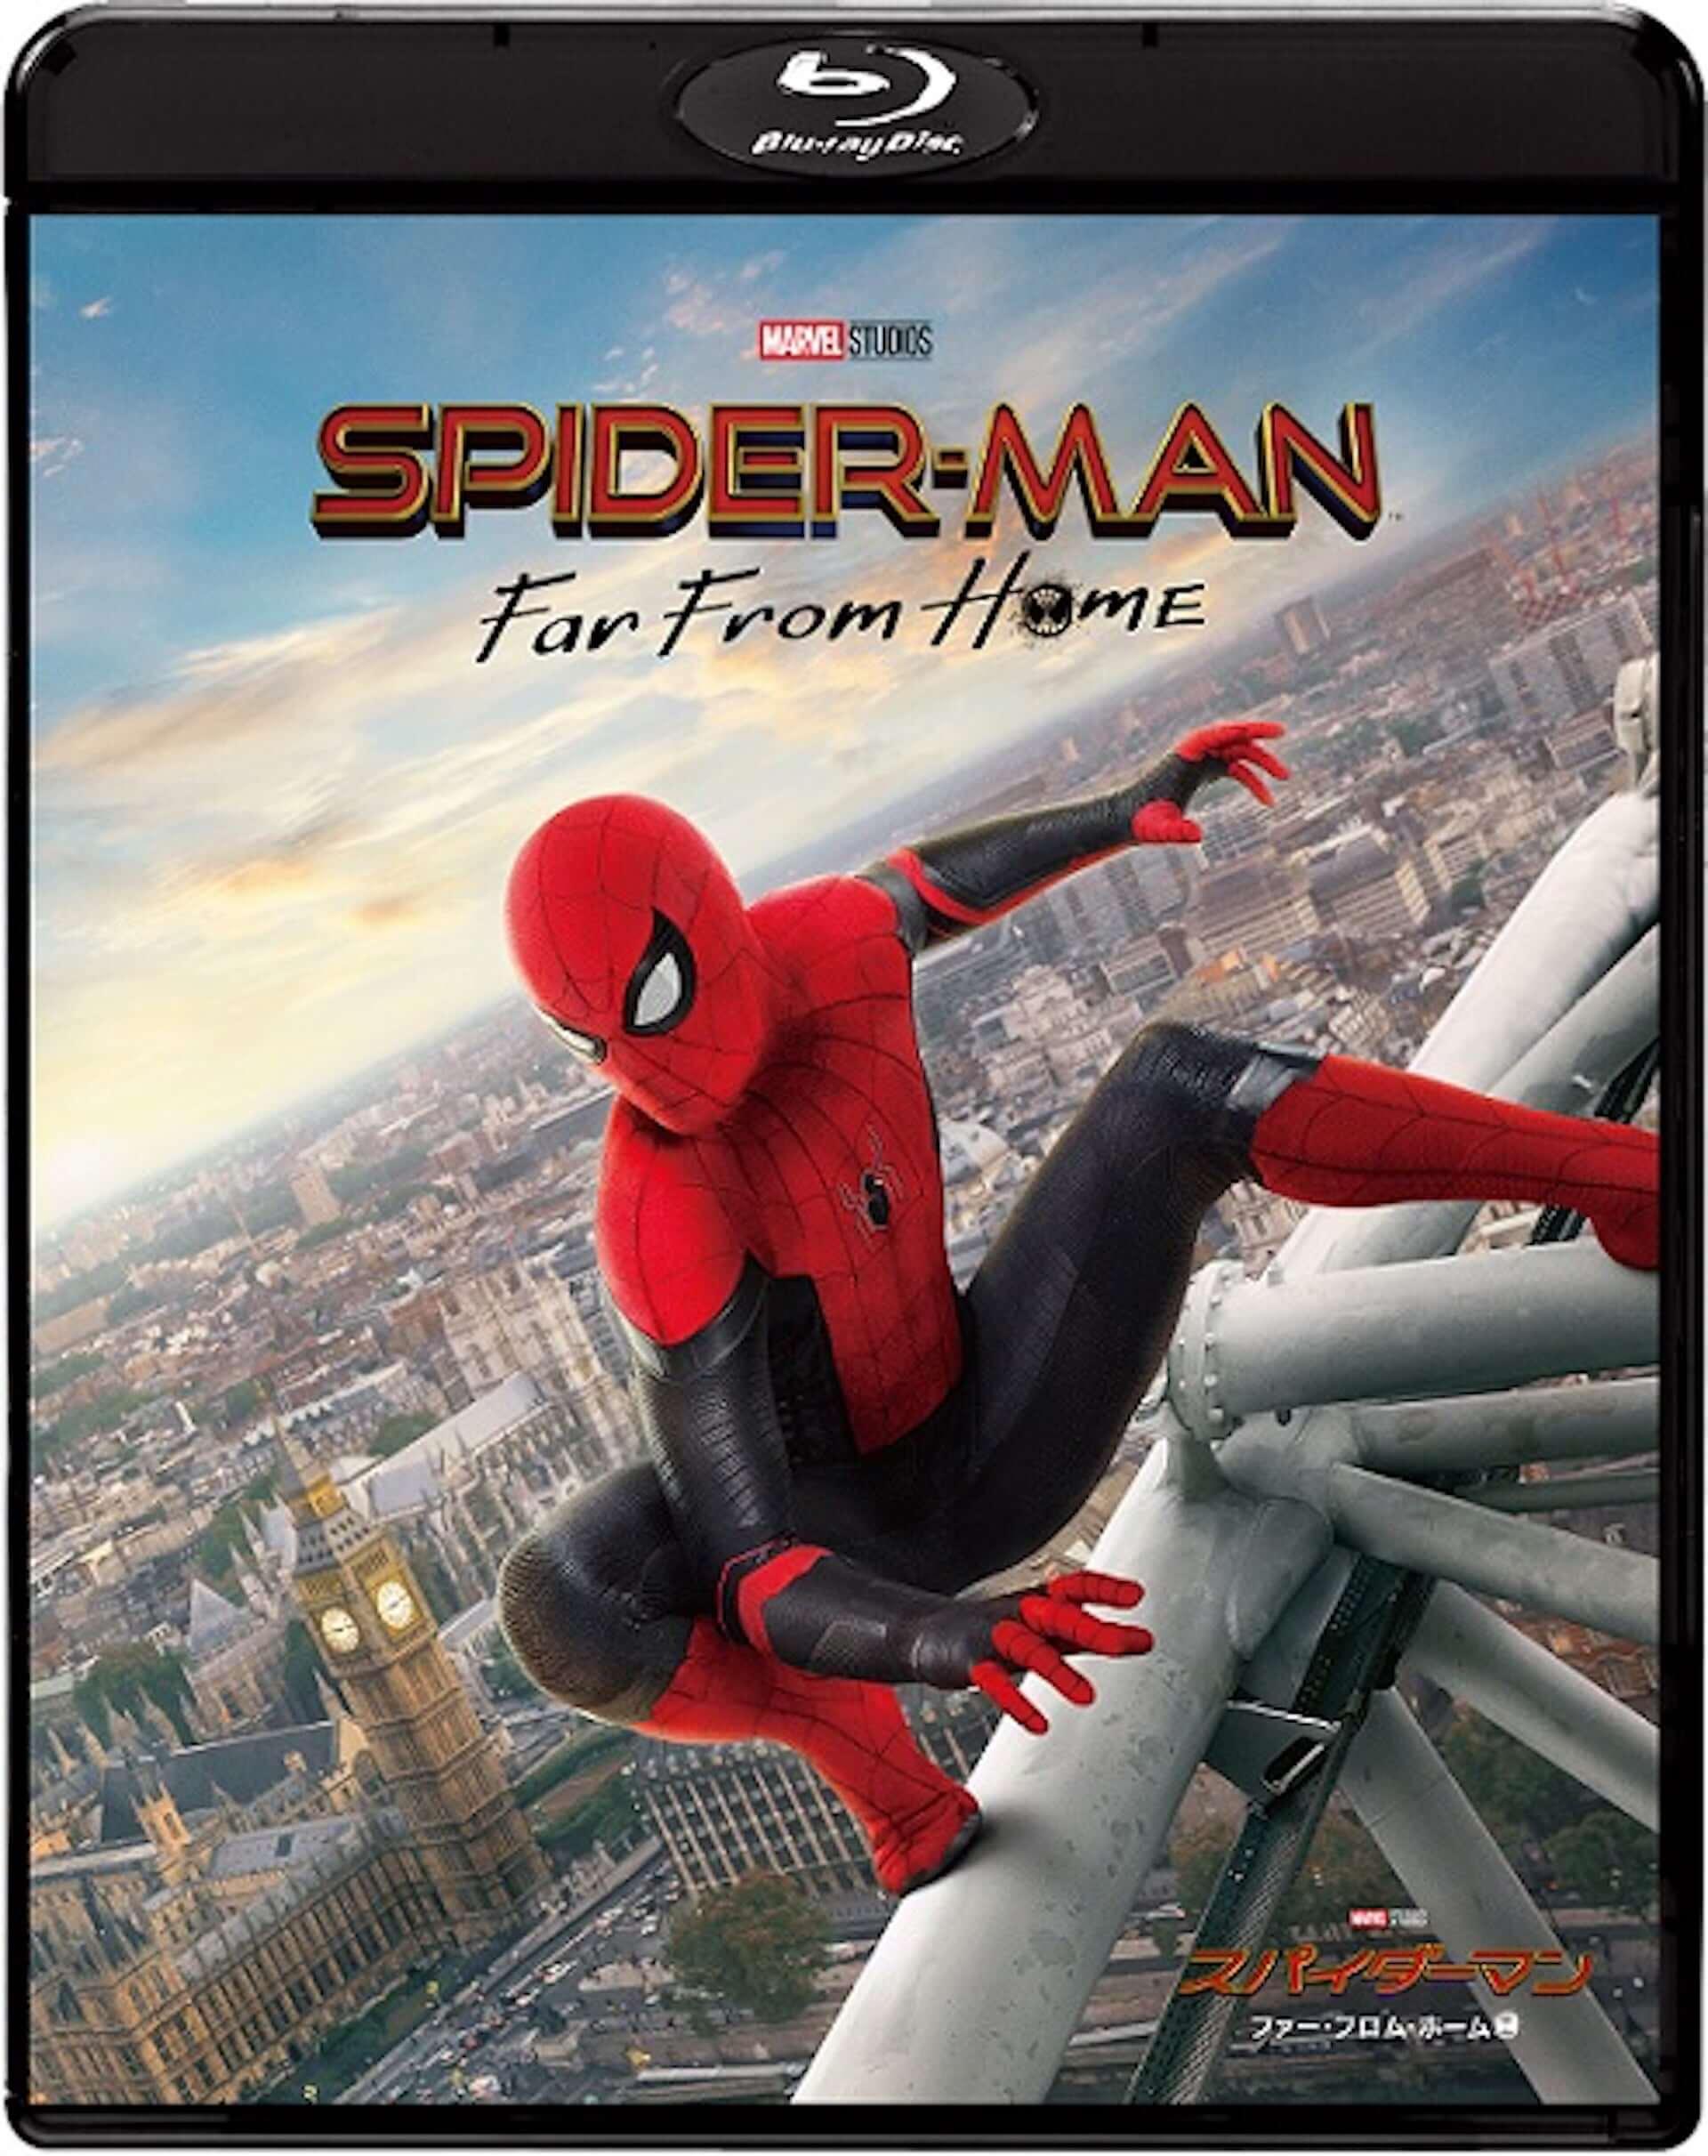 ついにスパイダーマンが家で観られる!『スパイダーマン:ファー・フロム・ホーム』ブルーレイ&DVD発売 film190830_spiderman_farfromhome_3-1920x2423